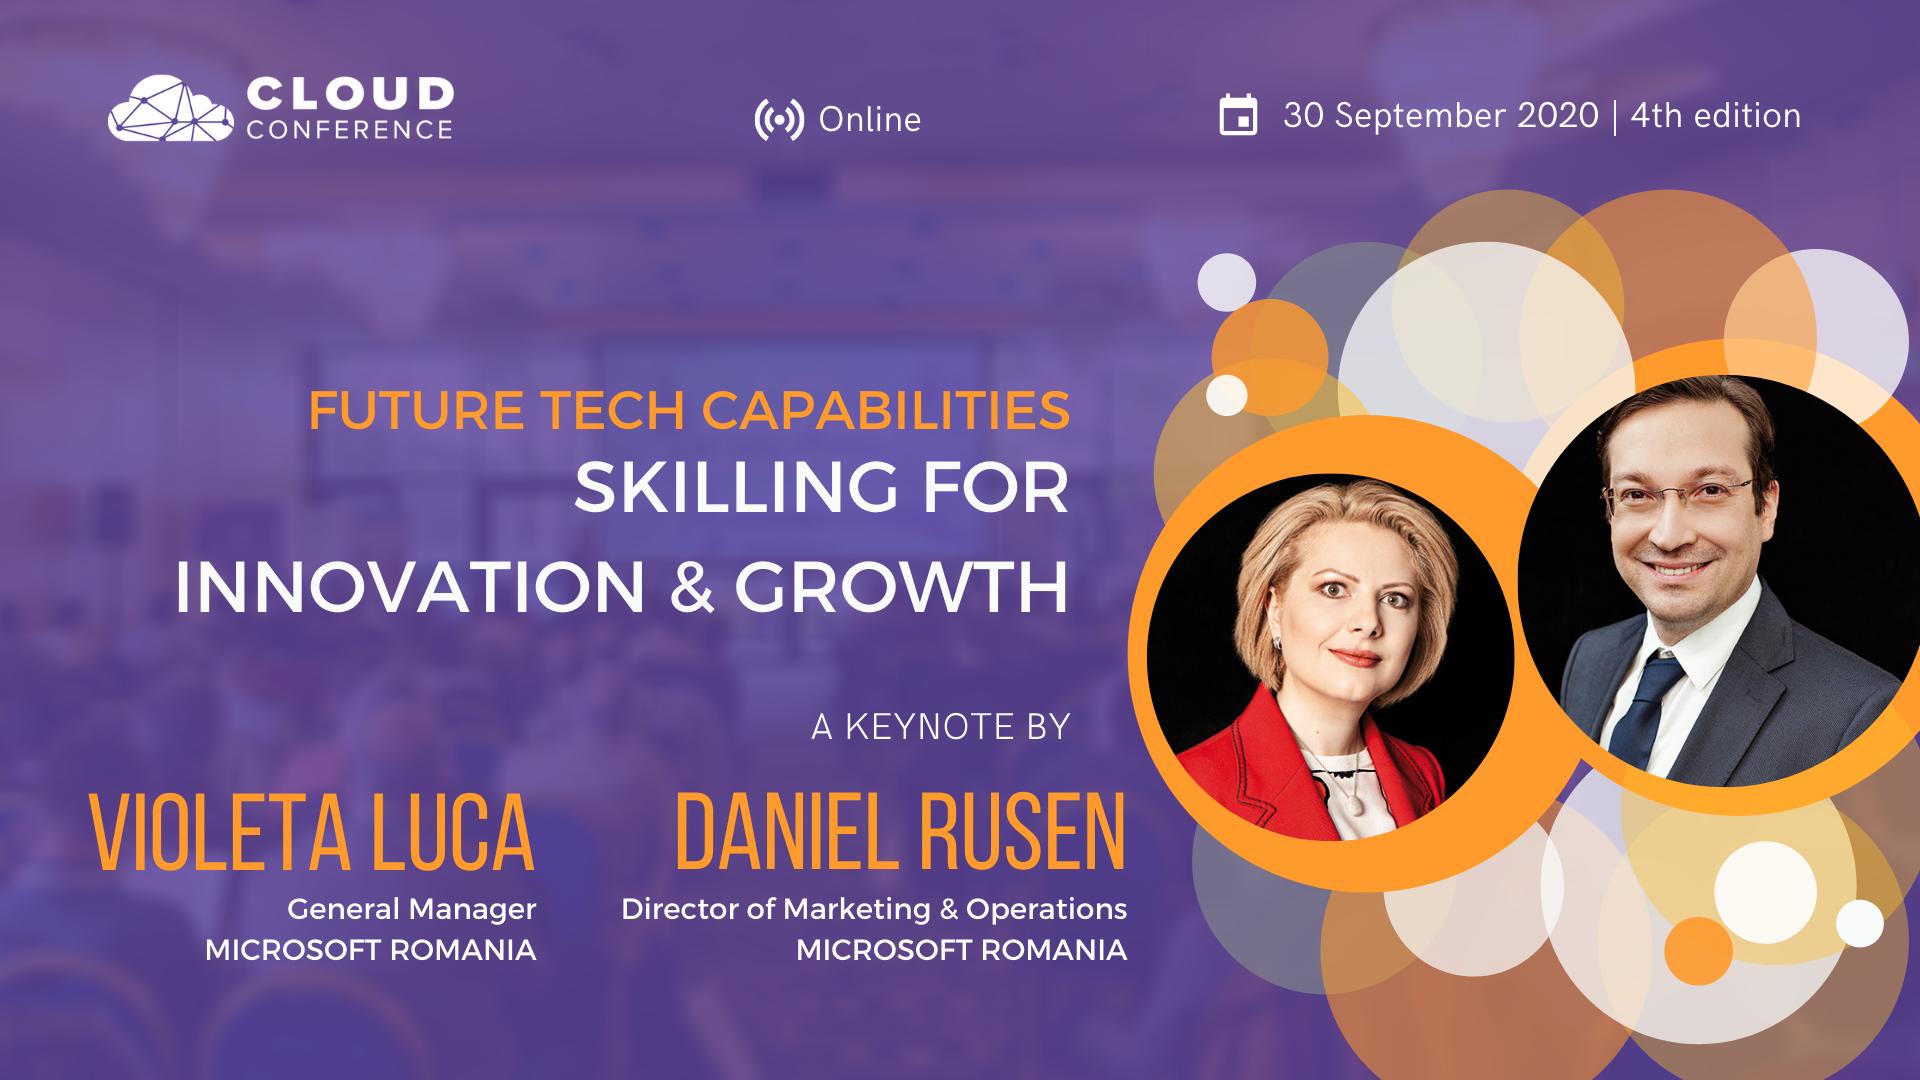 A patra ediție a Conferinței de Cloud aduce în prim plan companii de top din industria IT&C